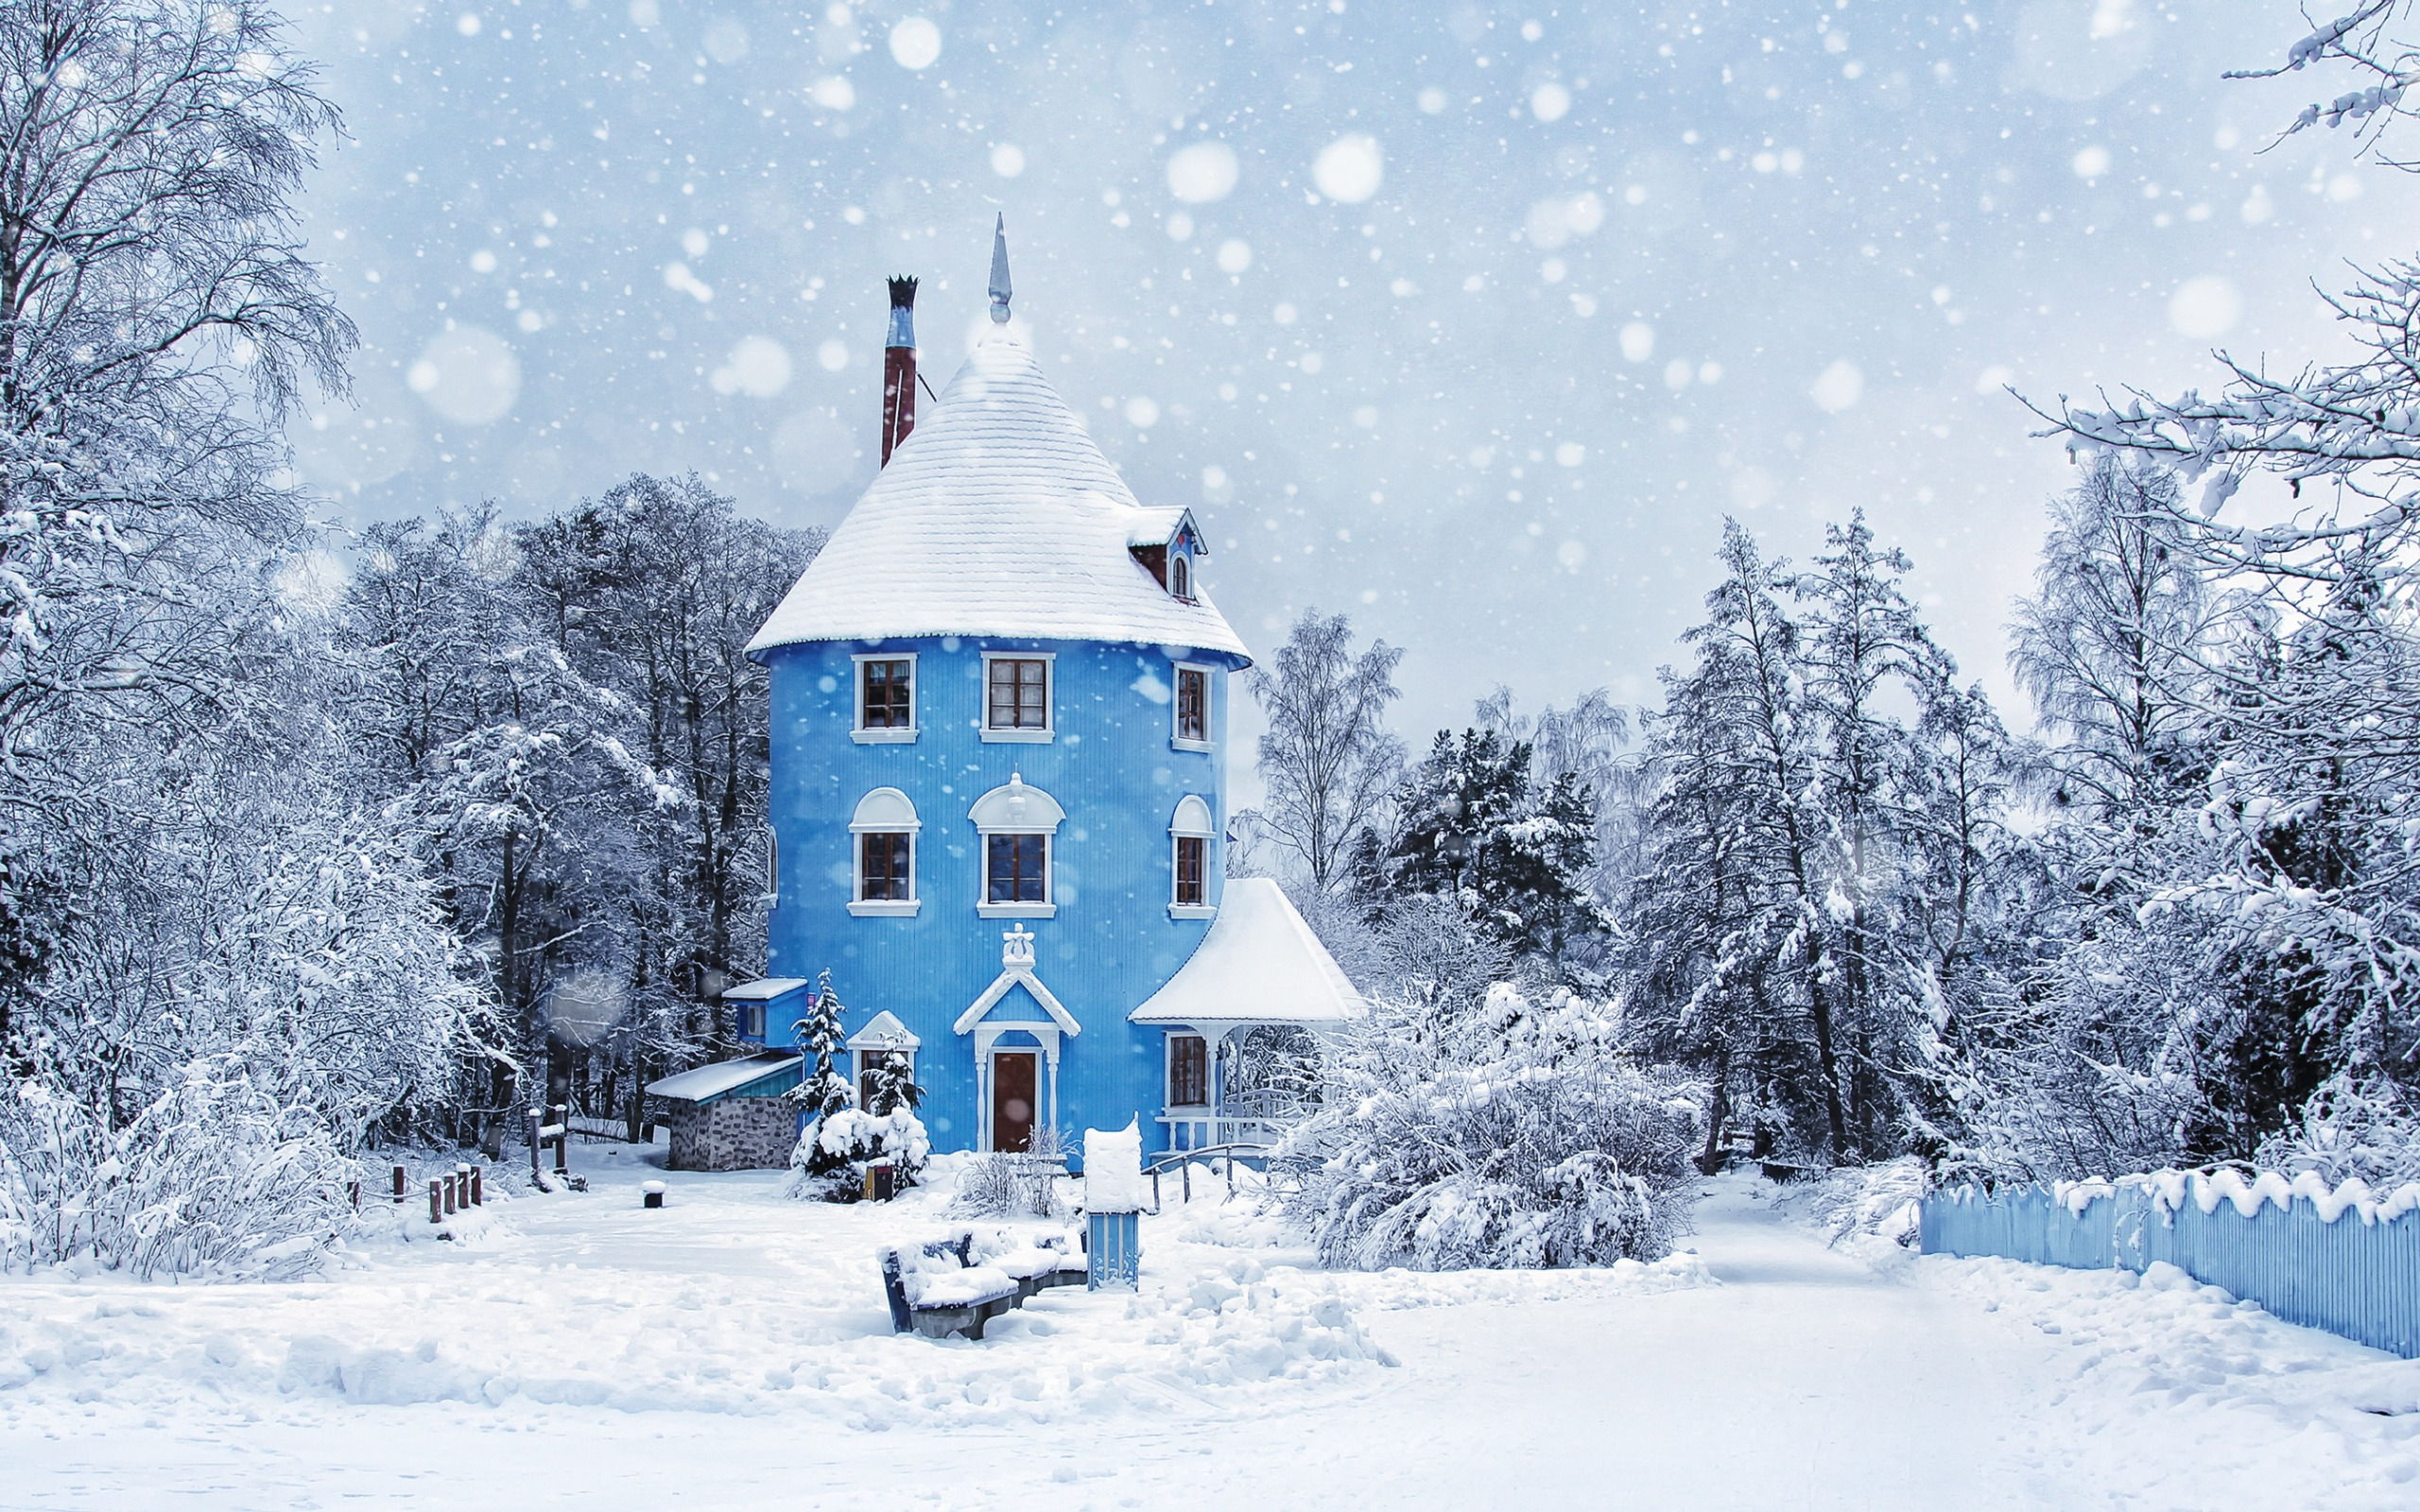 Снежные домики картинки